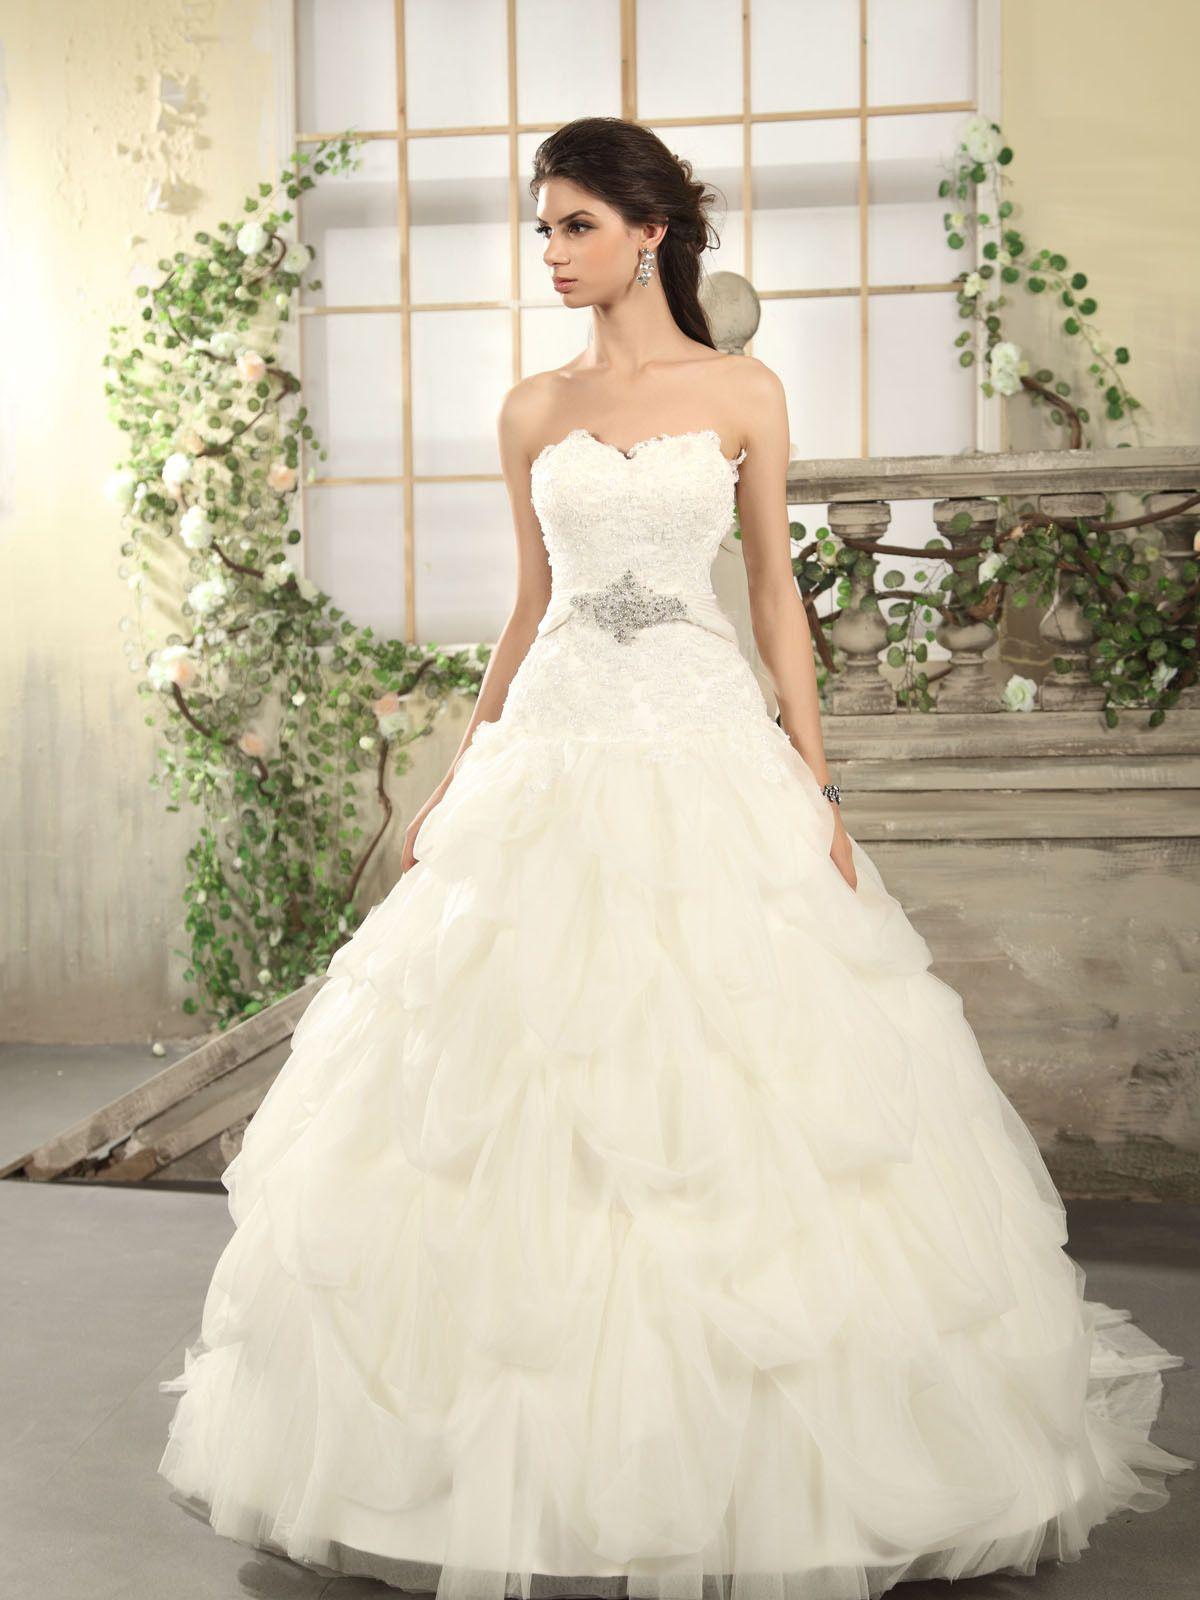 Blinged out wedding dress  Wedding Dress Stunning ball gown  Wedding Fun  Pinterest